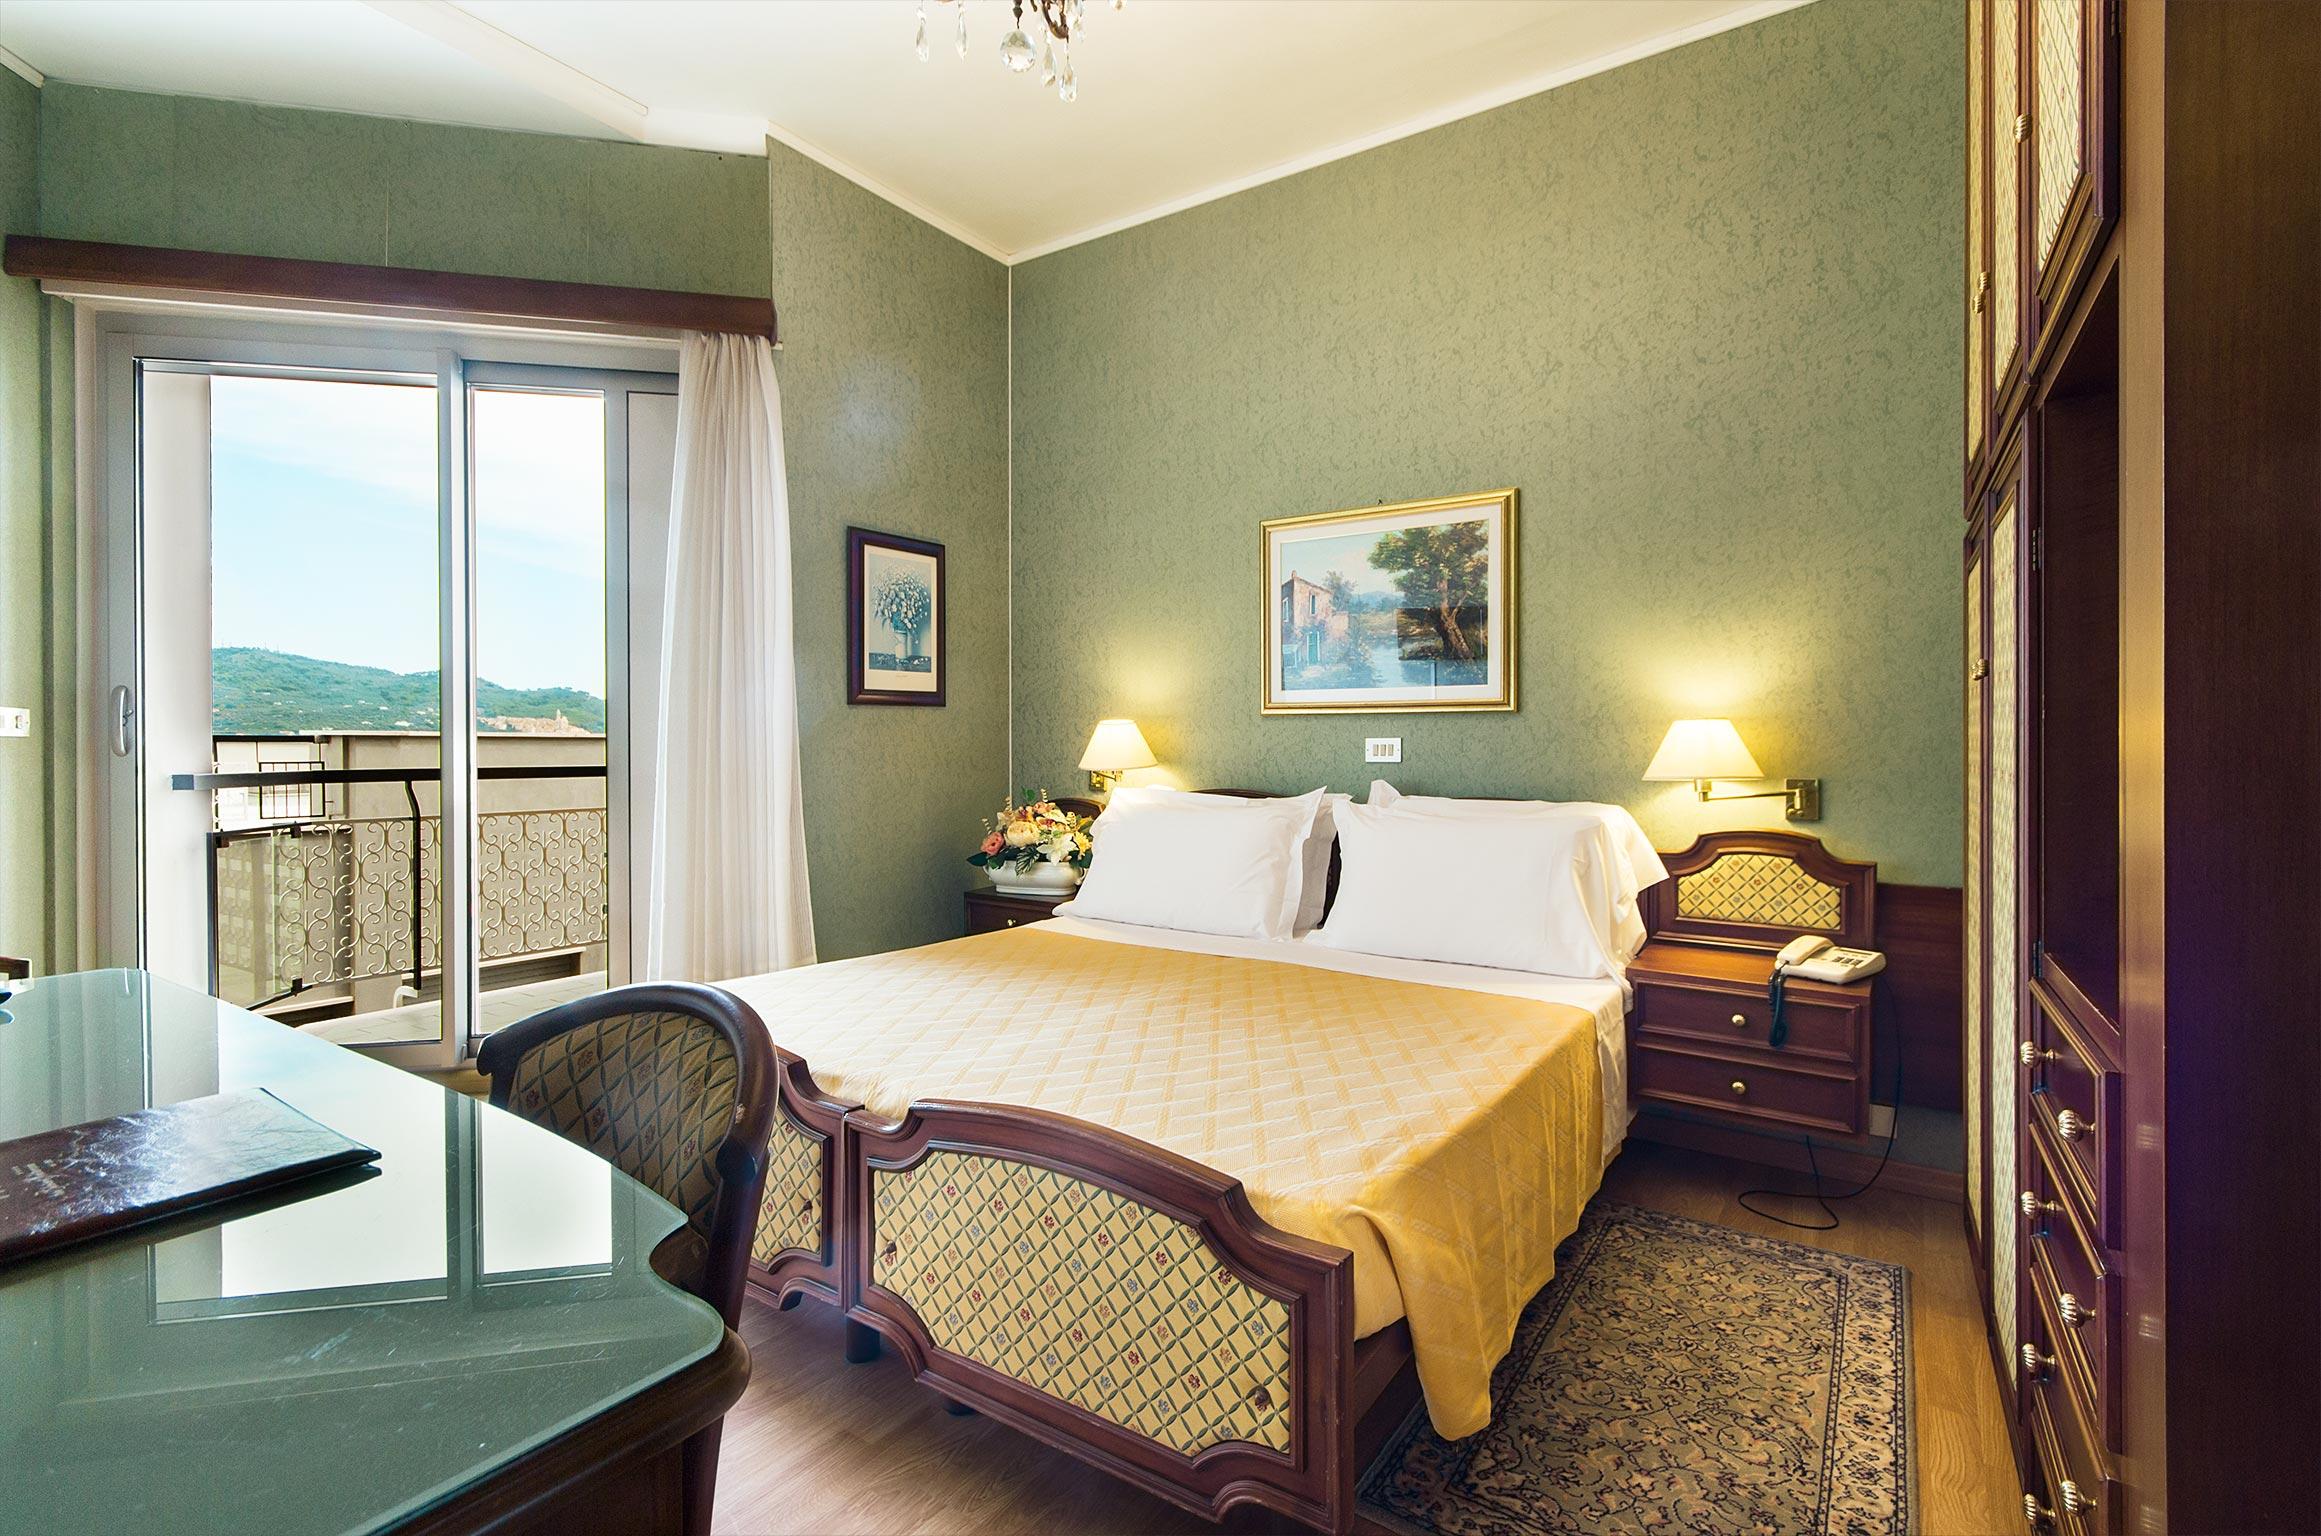 camere hotel diano marina - tripla vista mare laterale